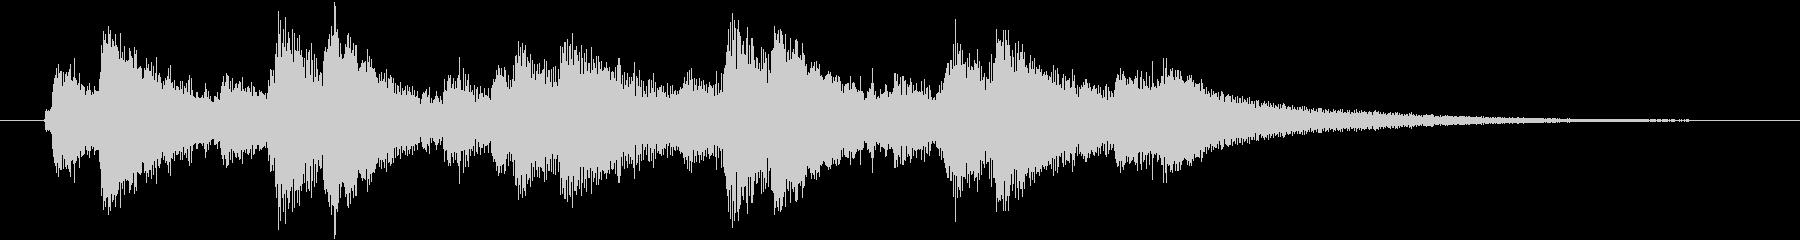 チャリン×複数(コイン沢山)の未再生の波形